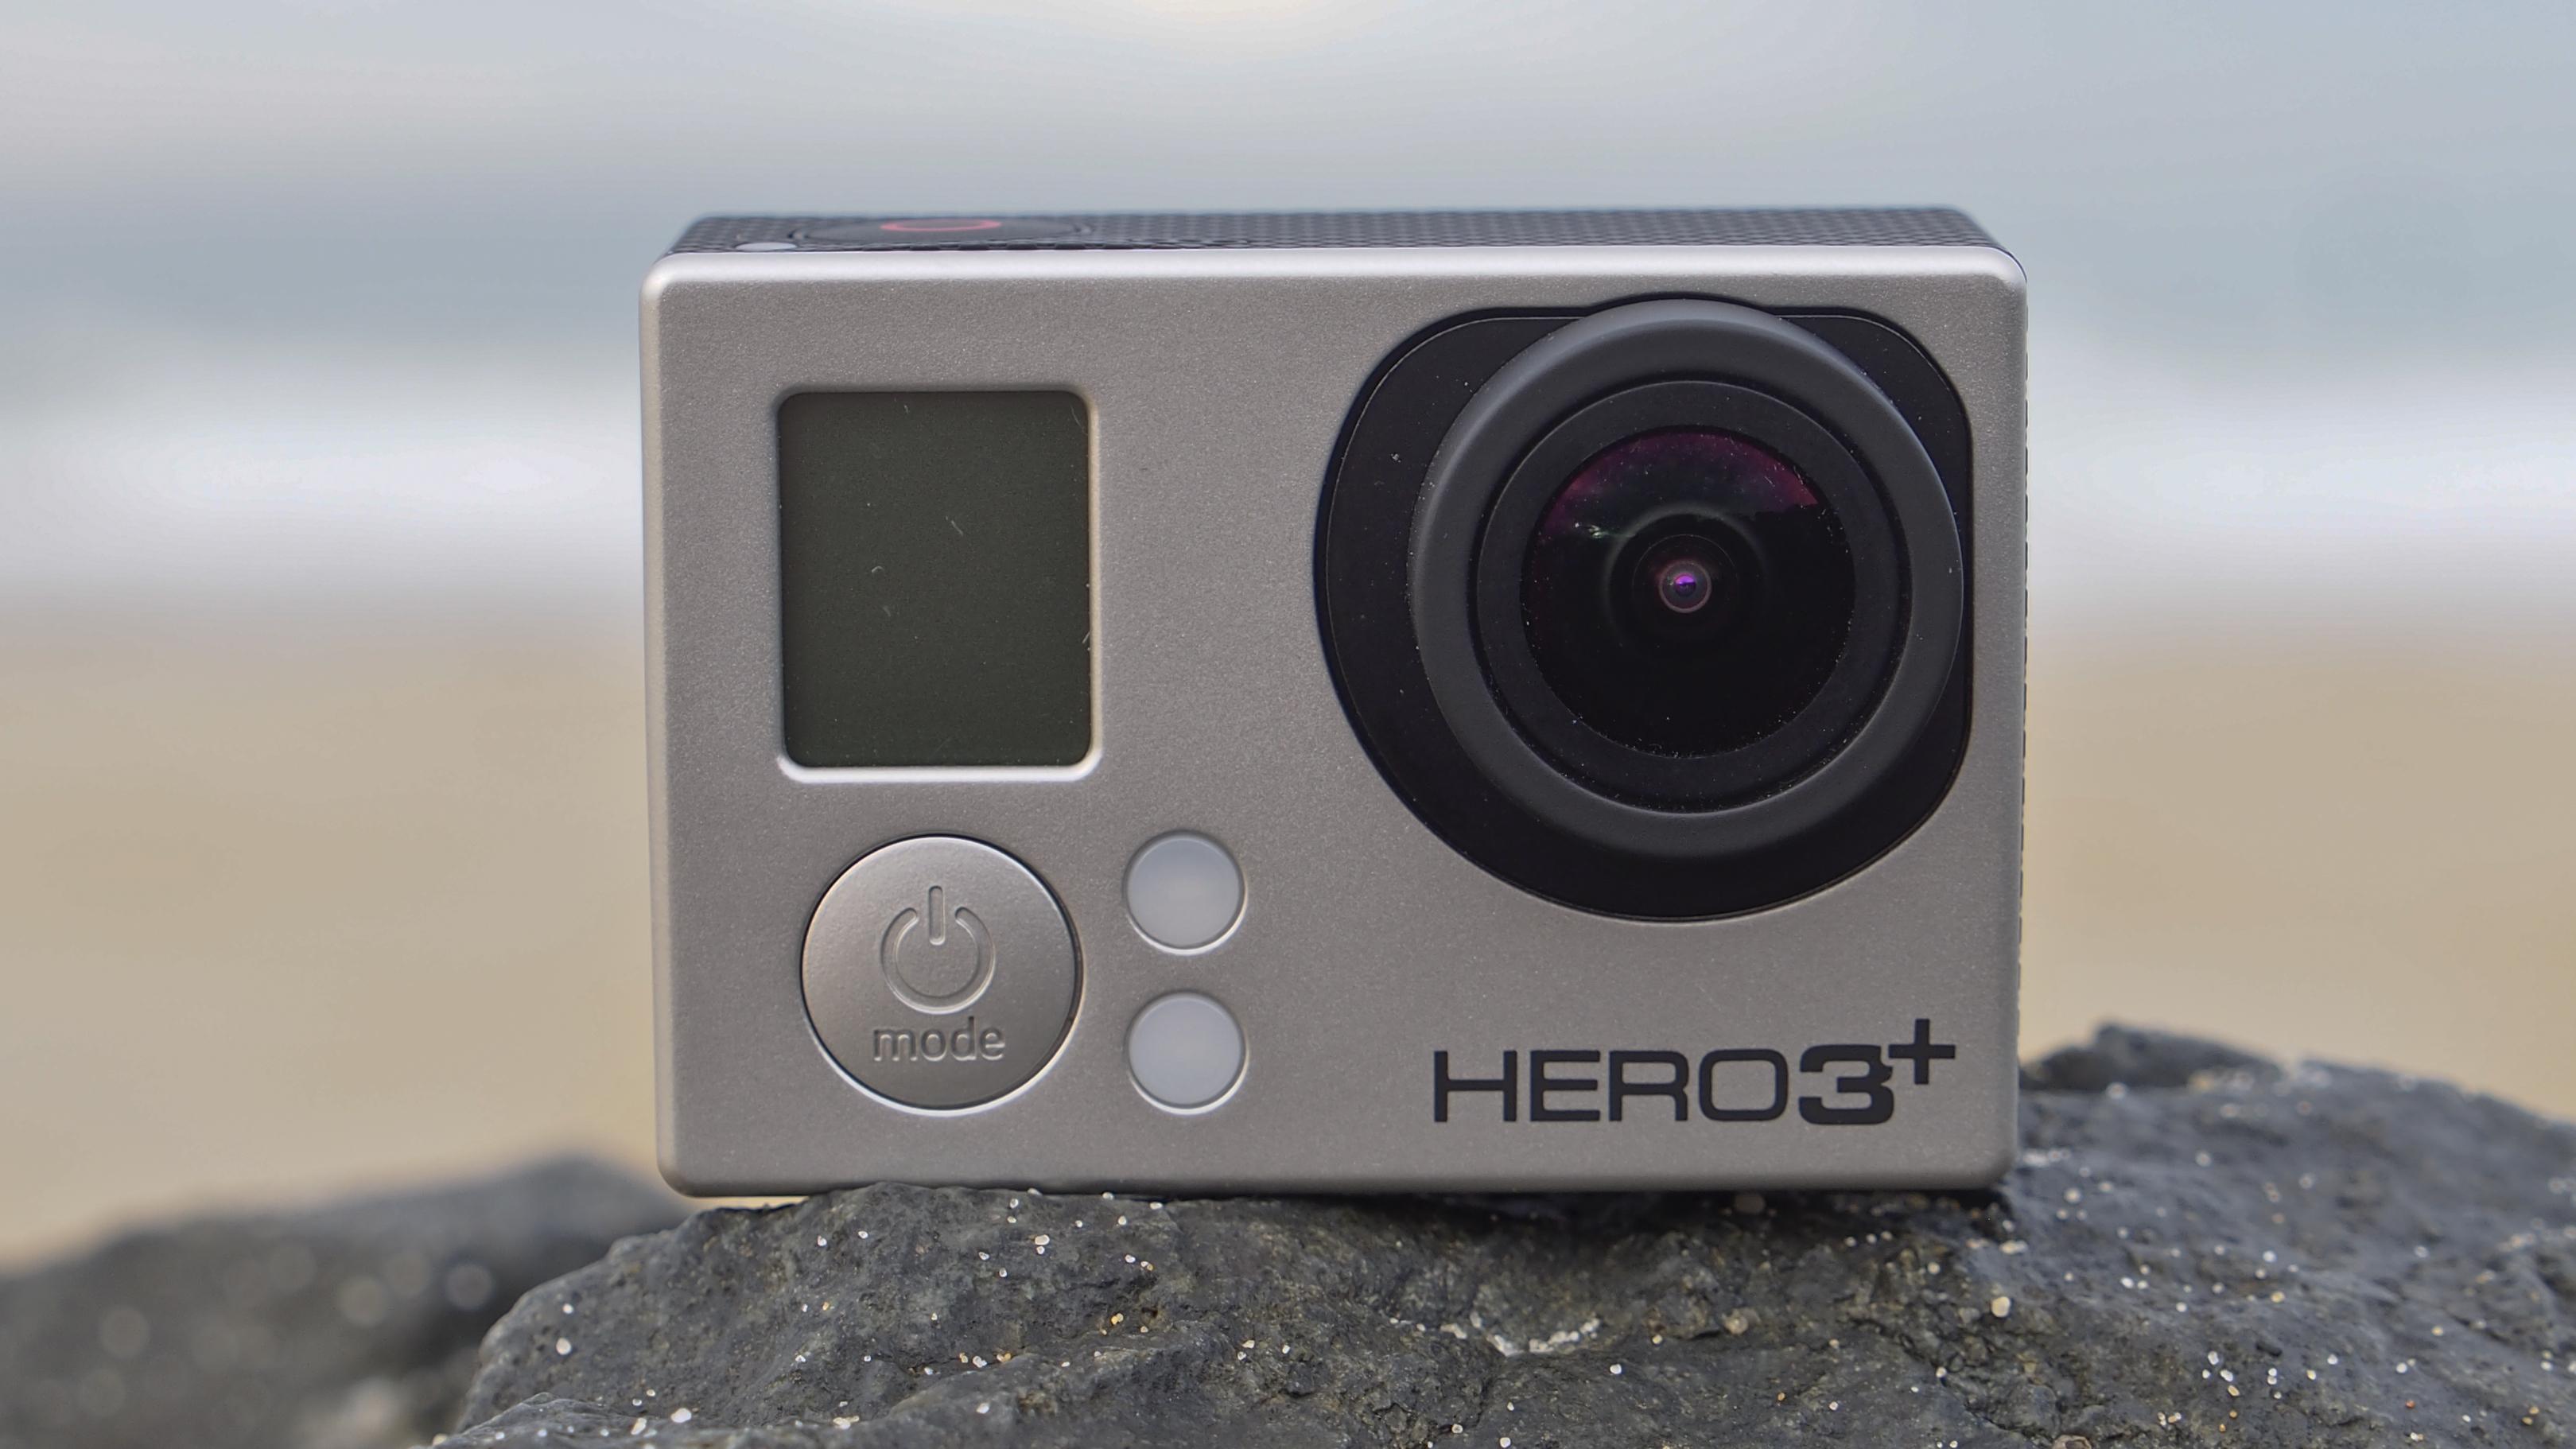 & GoPro Hero3+ Black Edition review | TechRadar azcodes.com